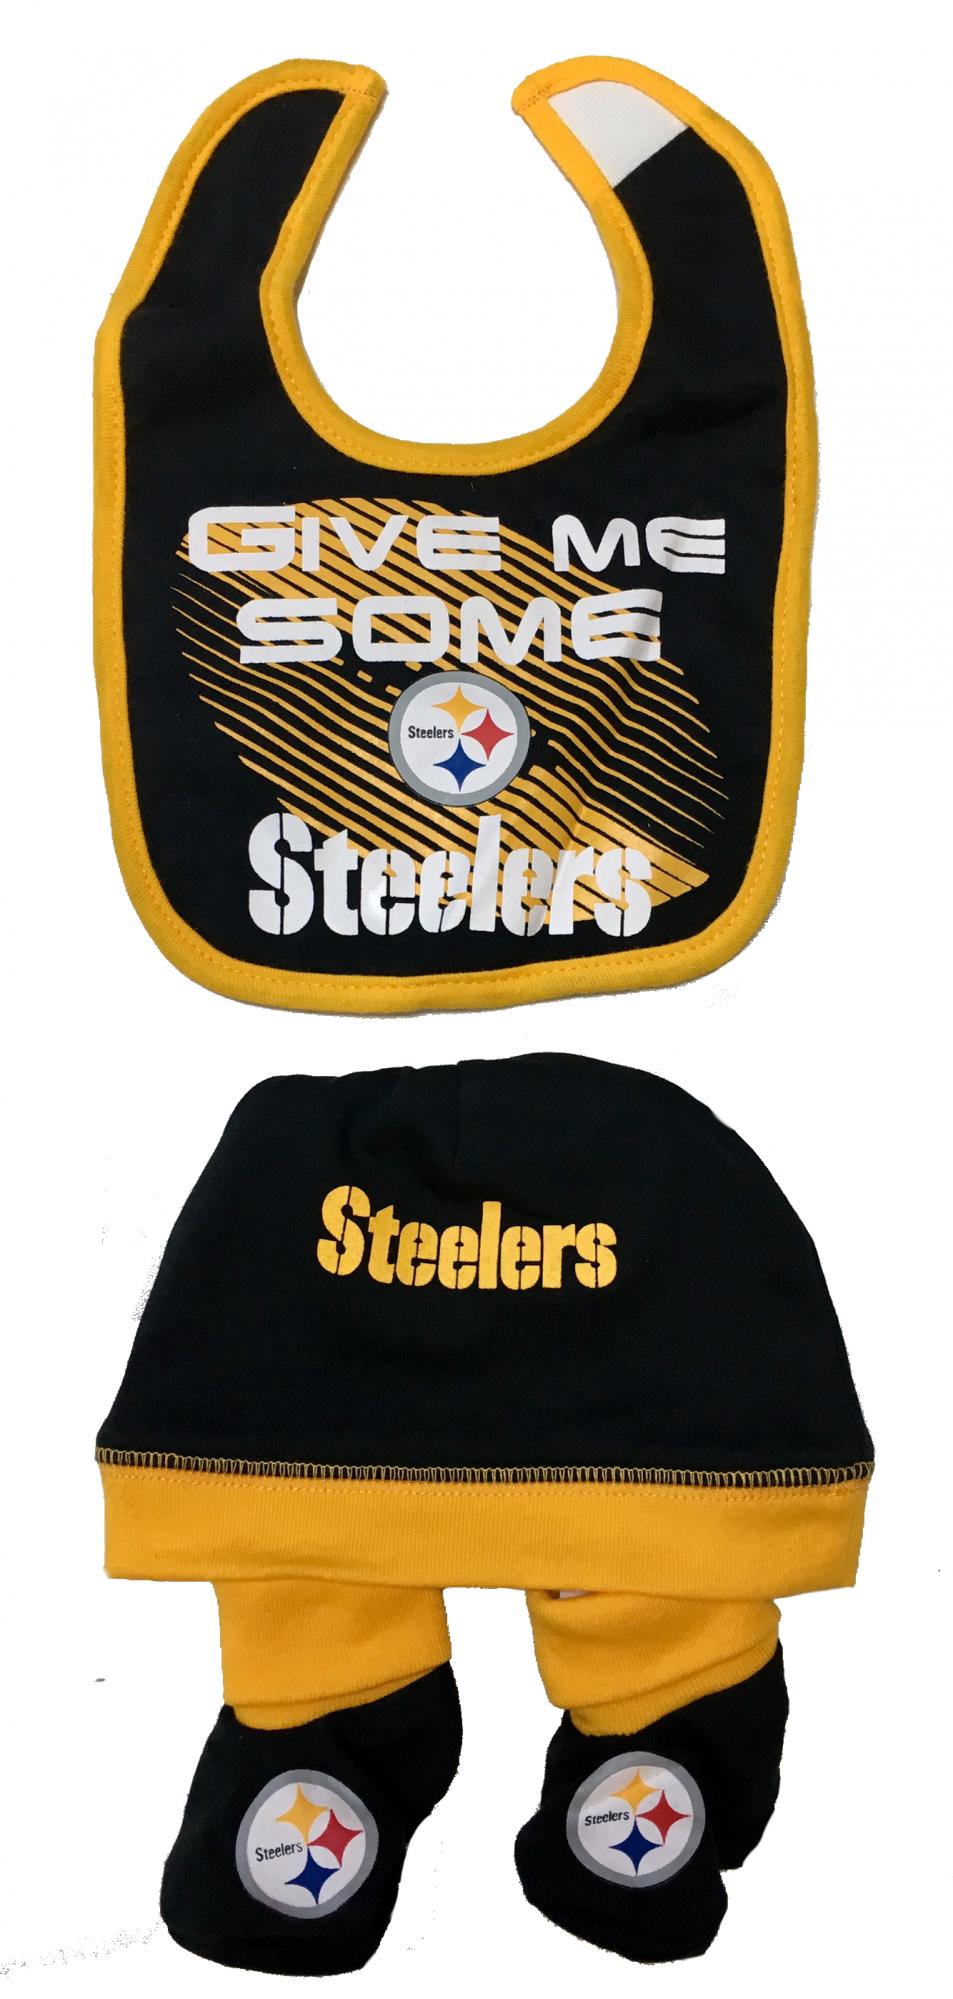 NFL-Steelers-baby-bib-cap-bootie-set-17.PNG